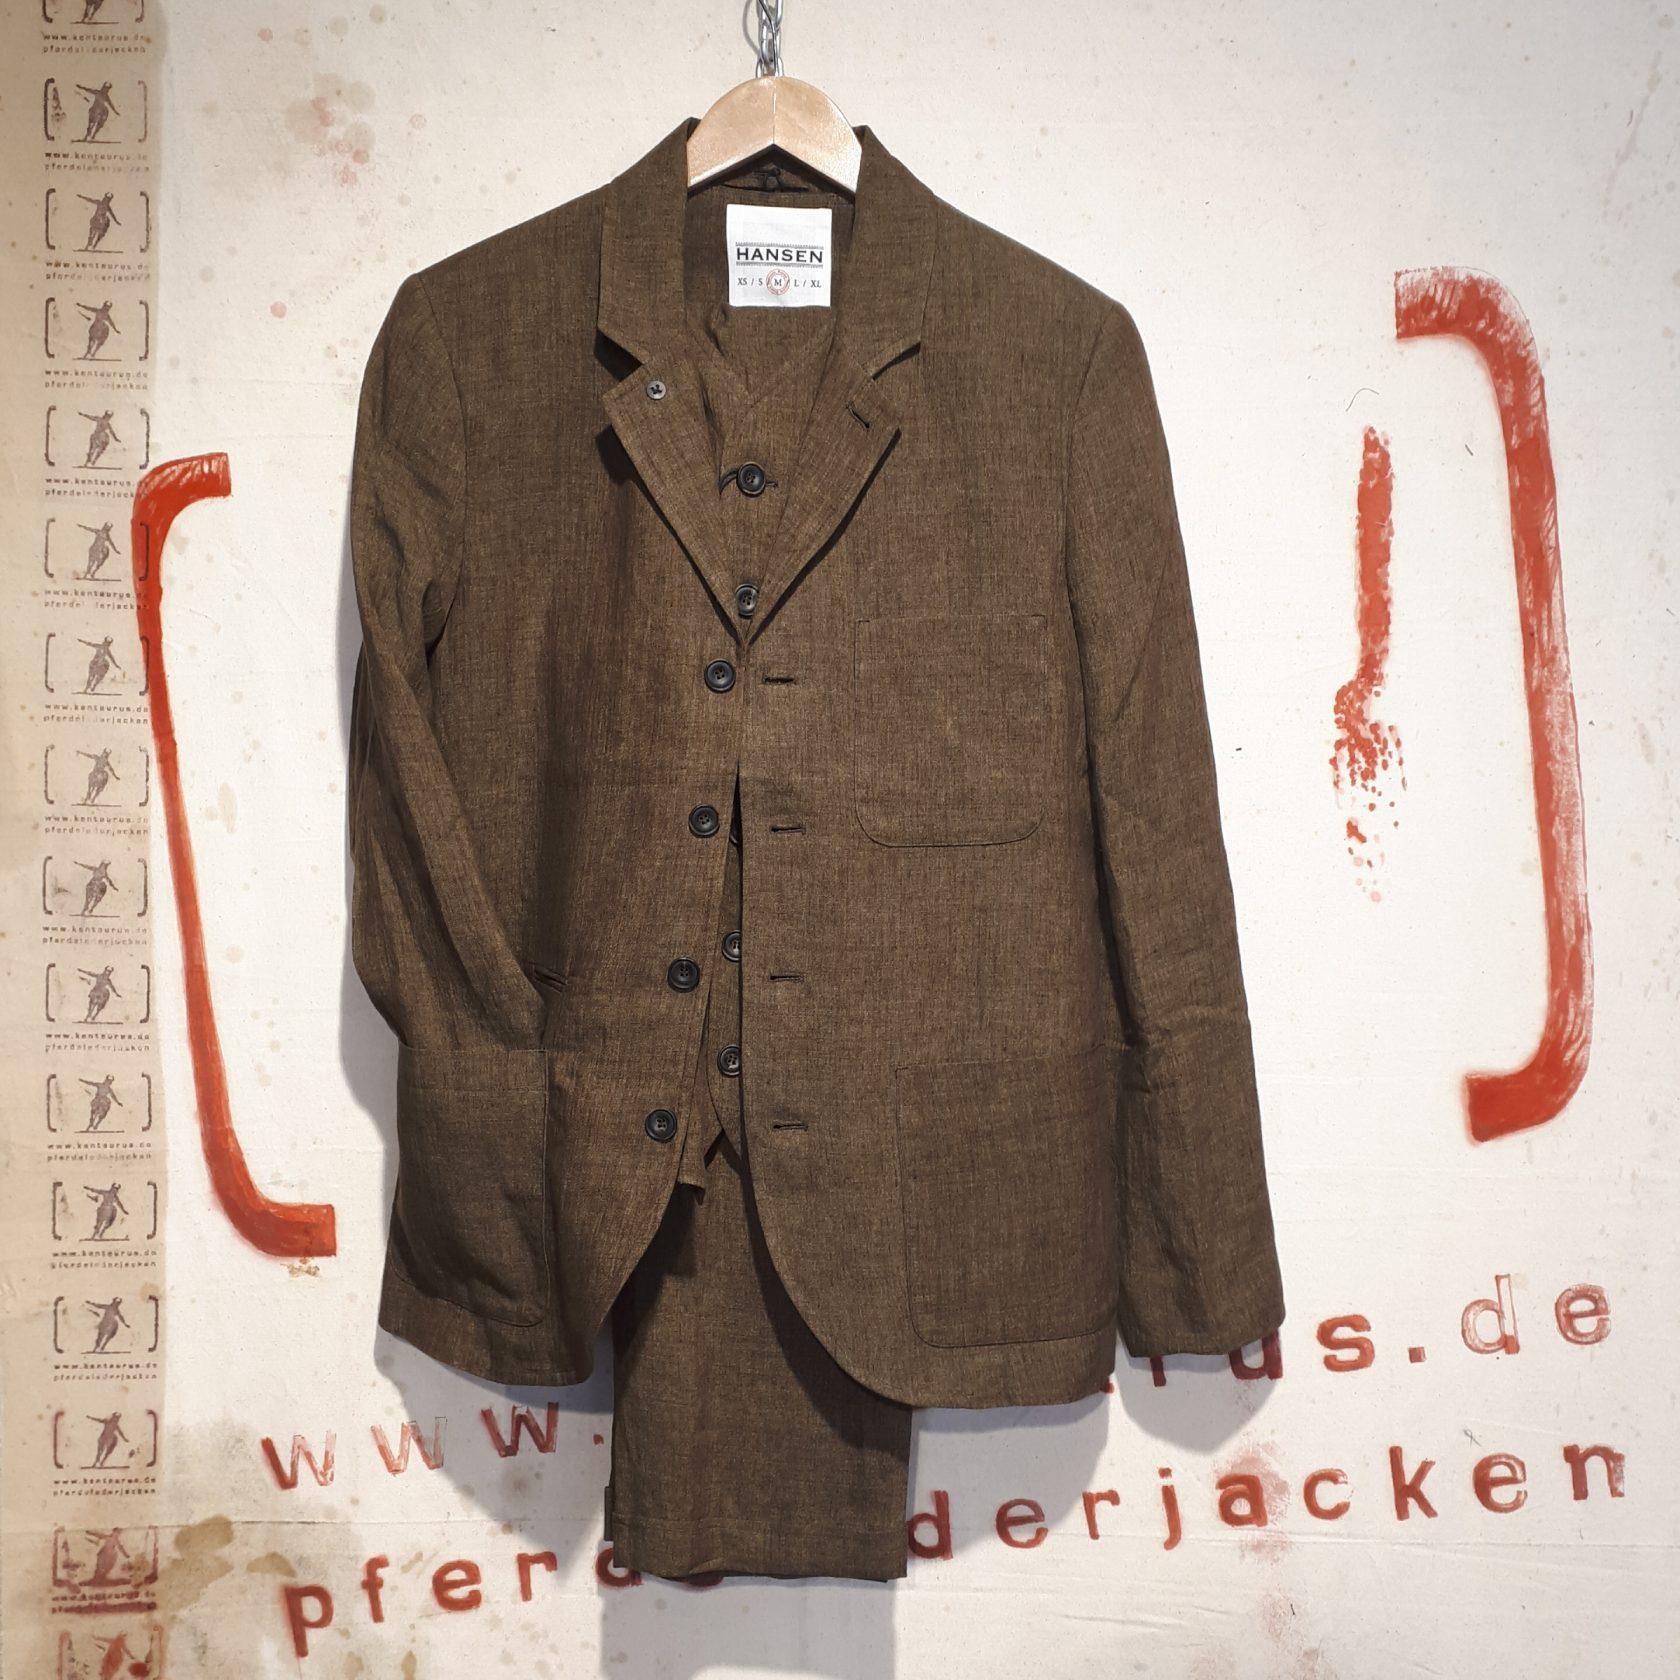 Hansen 3 piece linen suit, seaweed